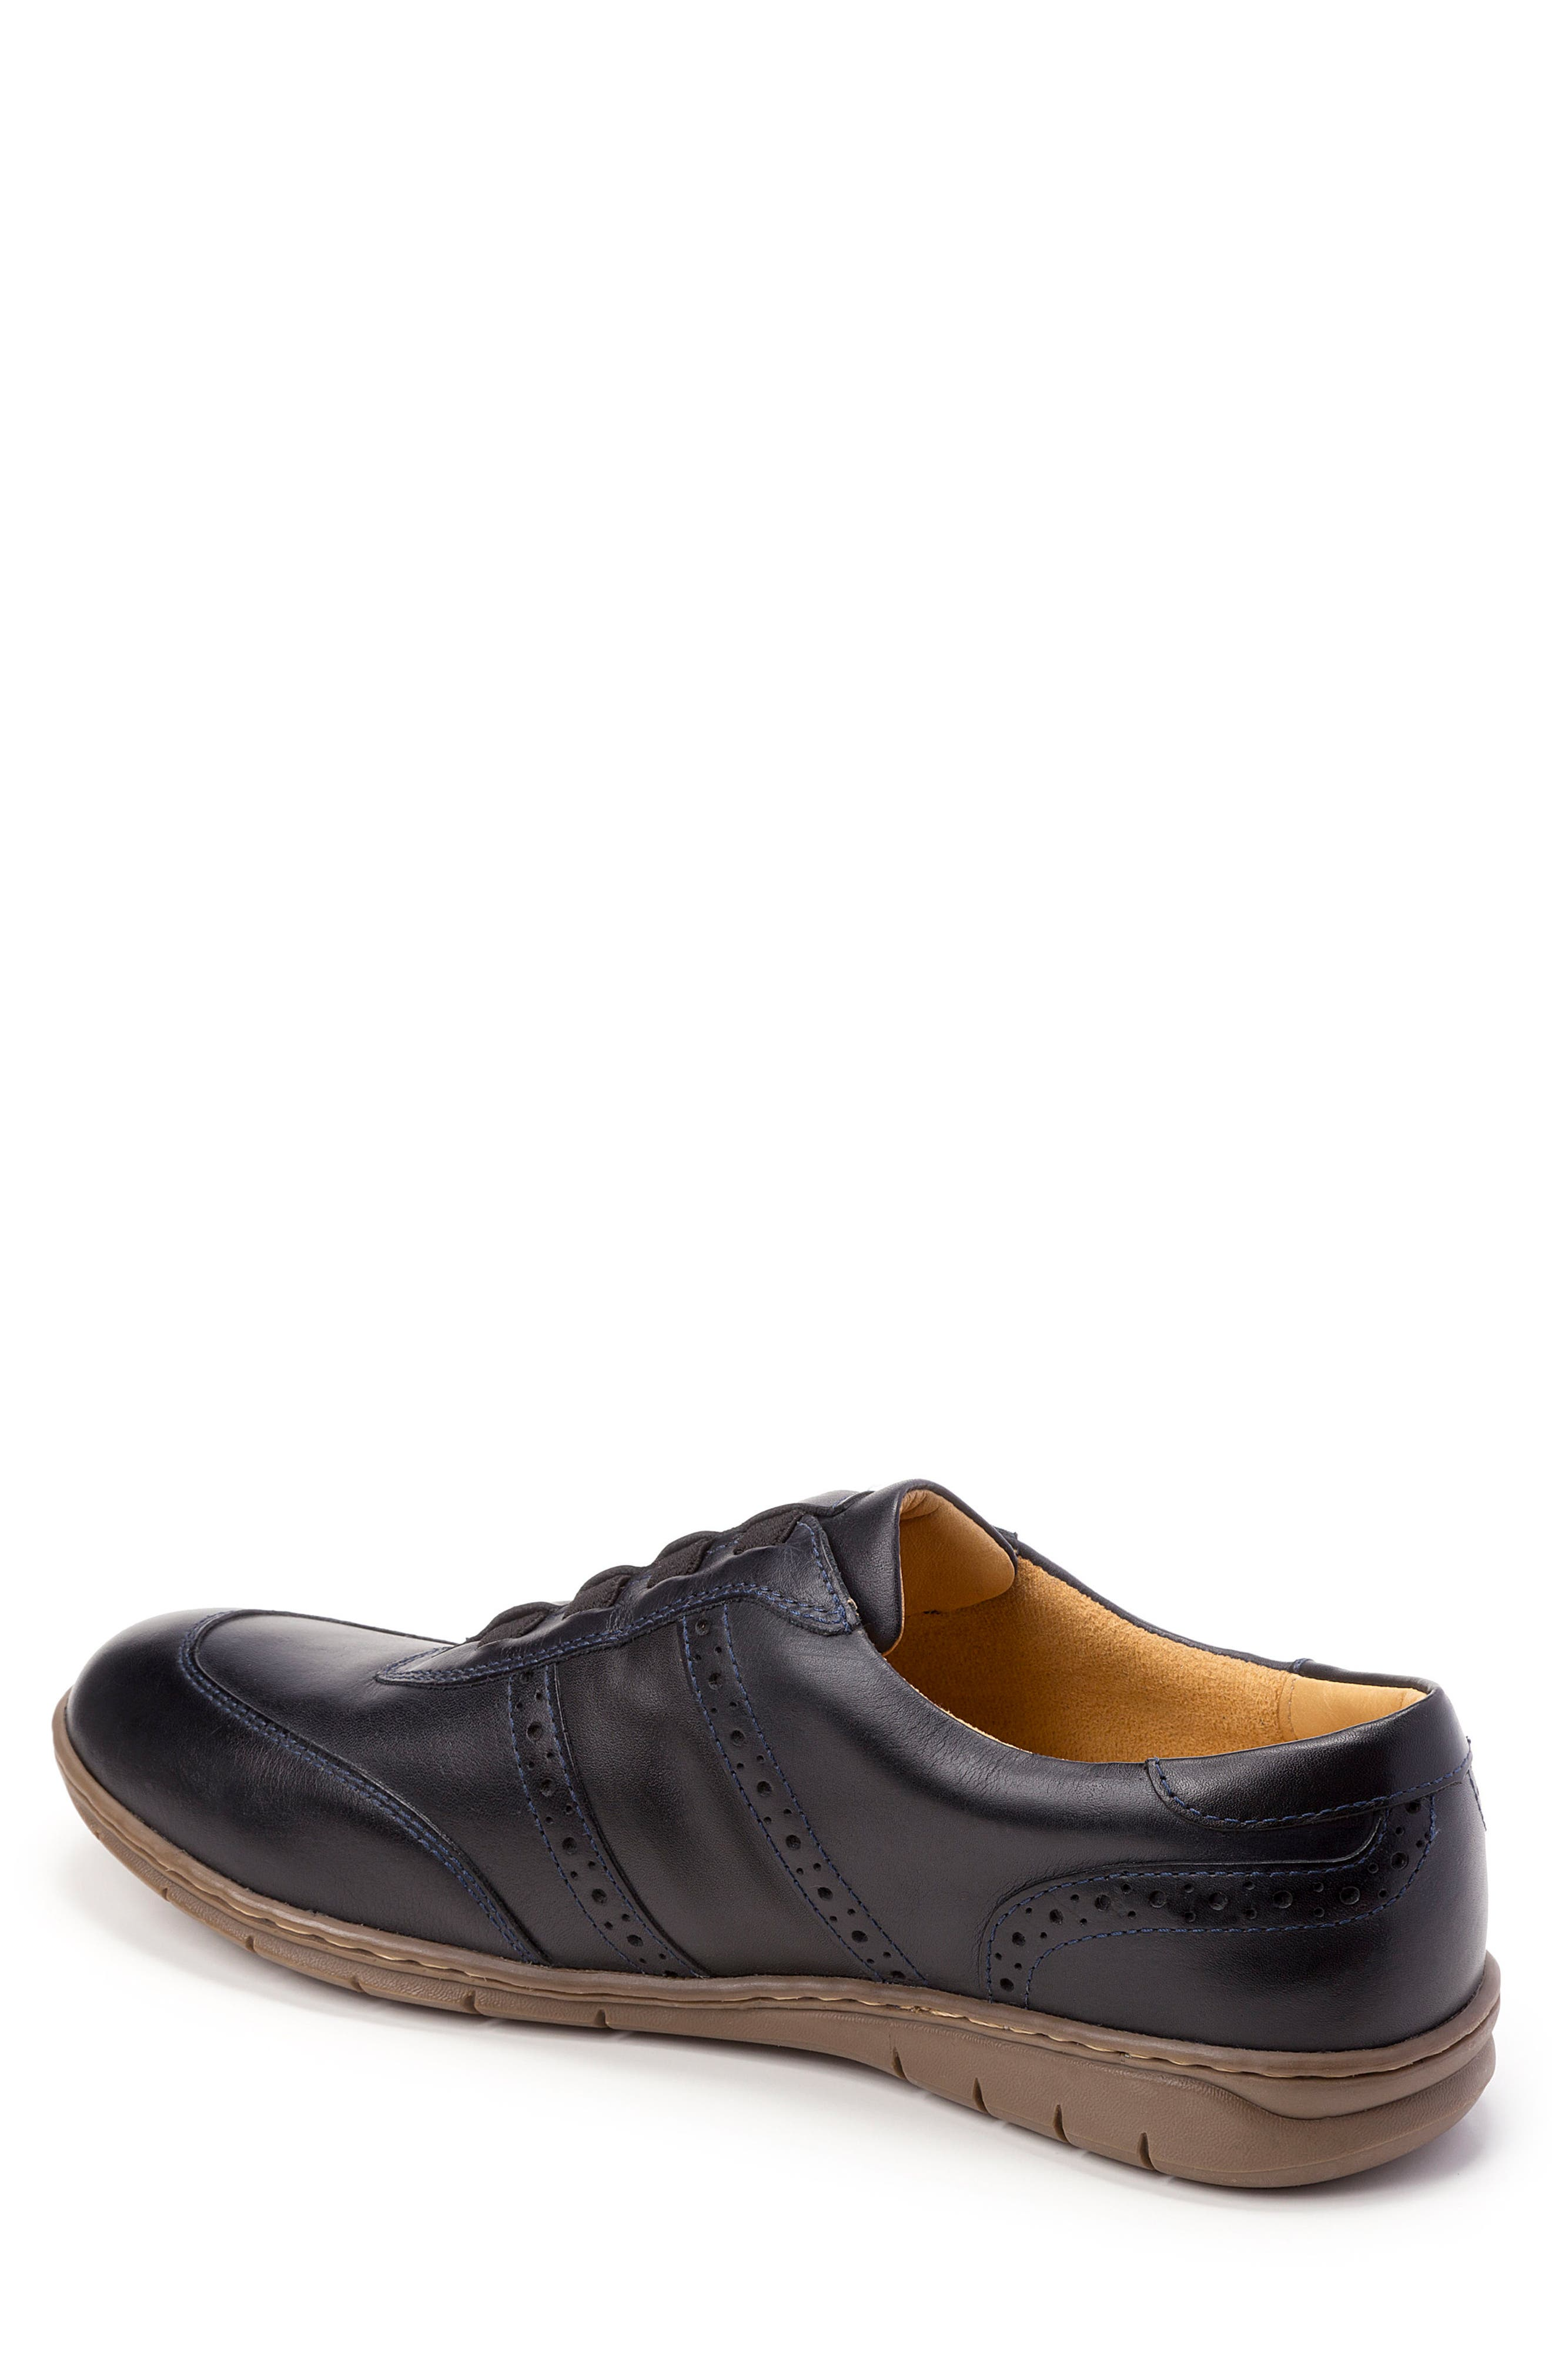 Noah Slip-On Sneaker,                             Alternate thumbnail 2, color,                             BLACK